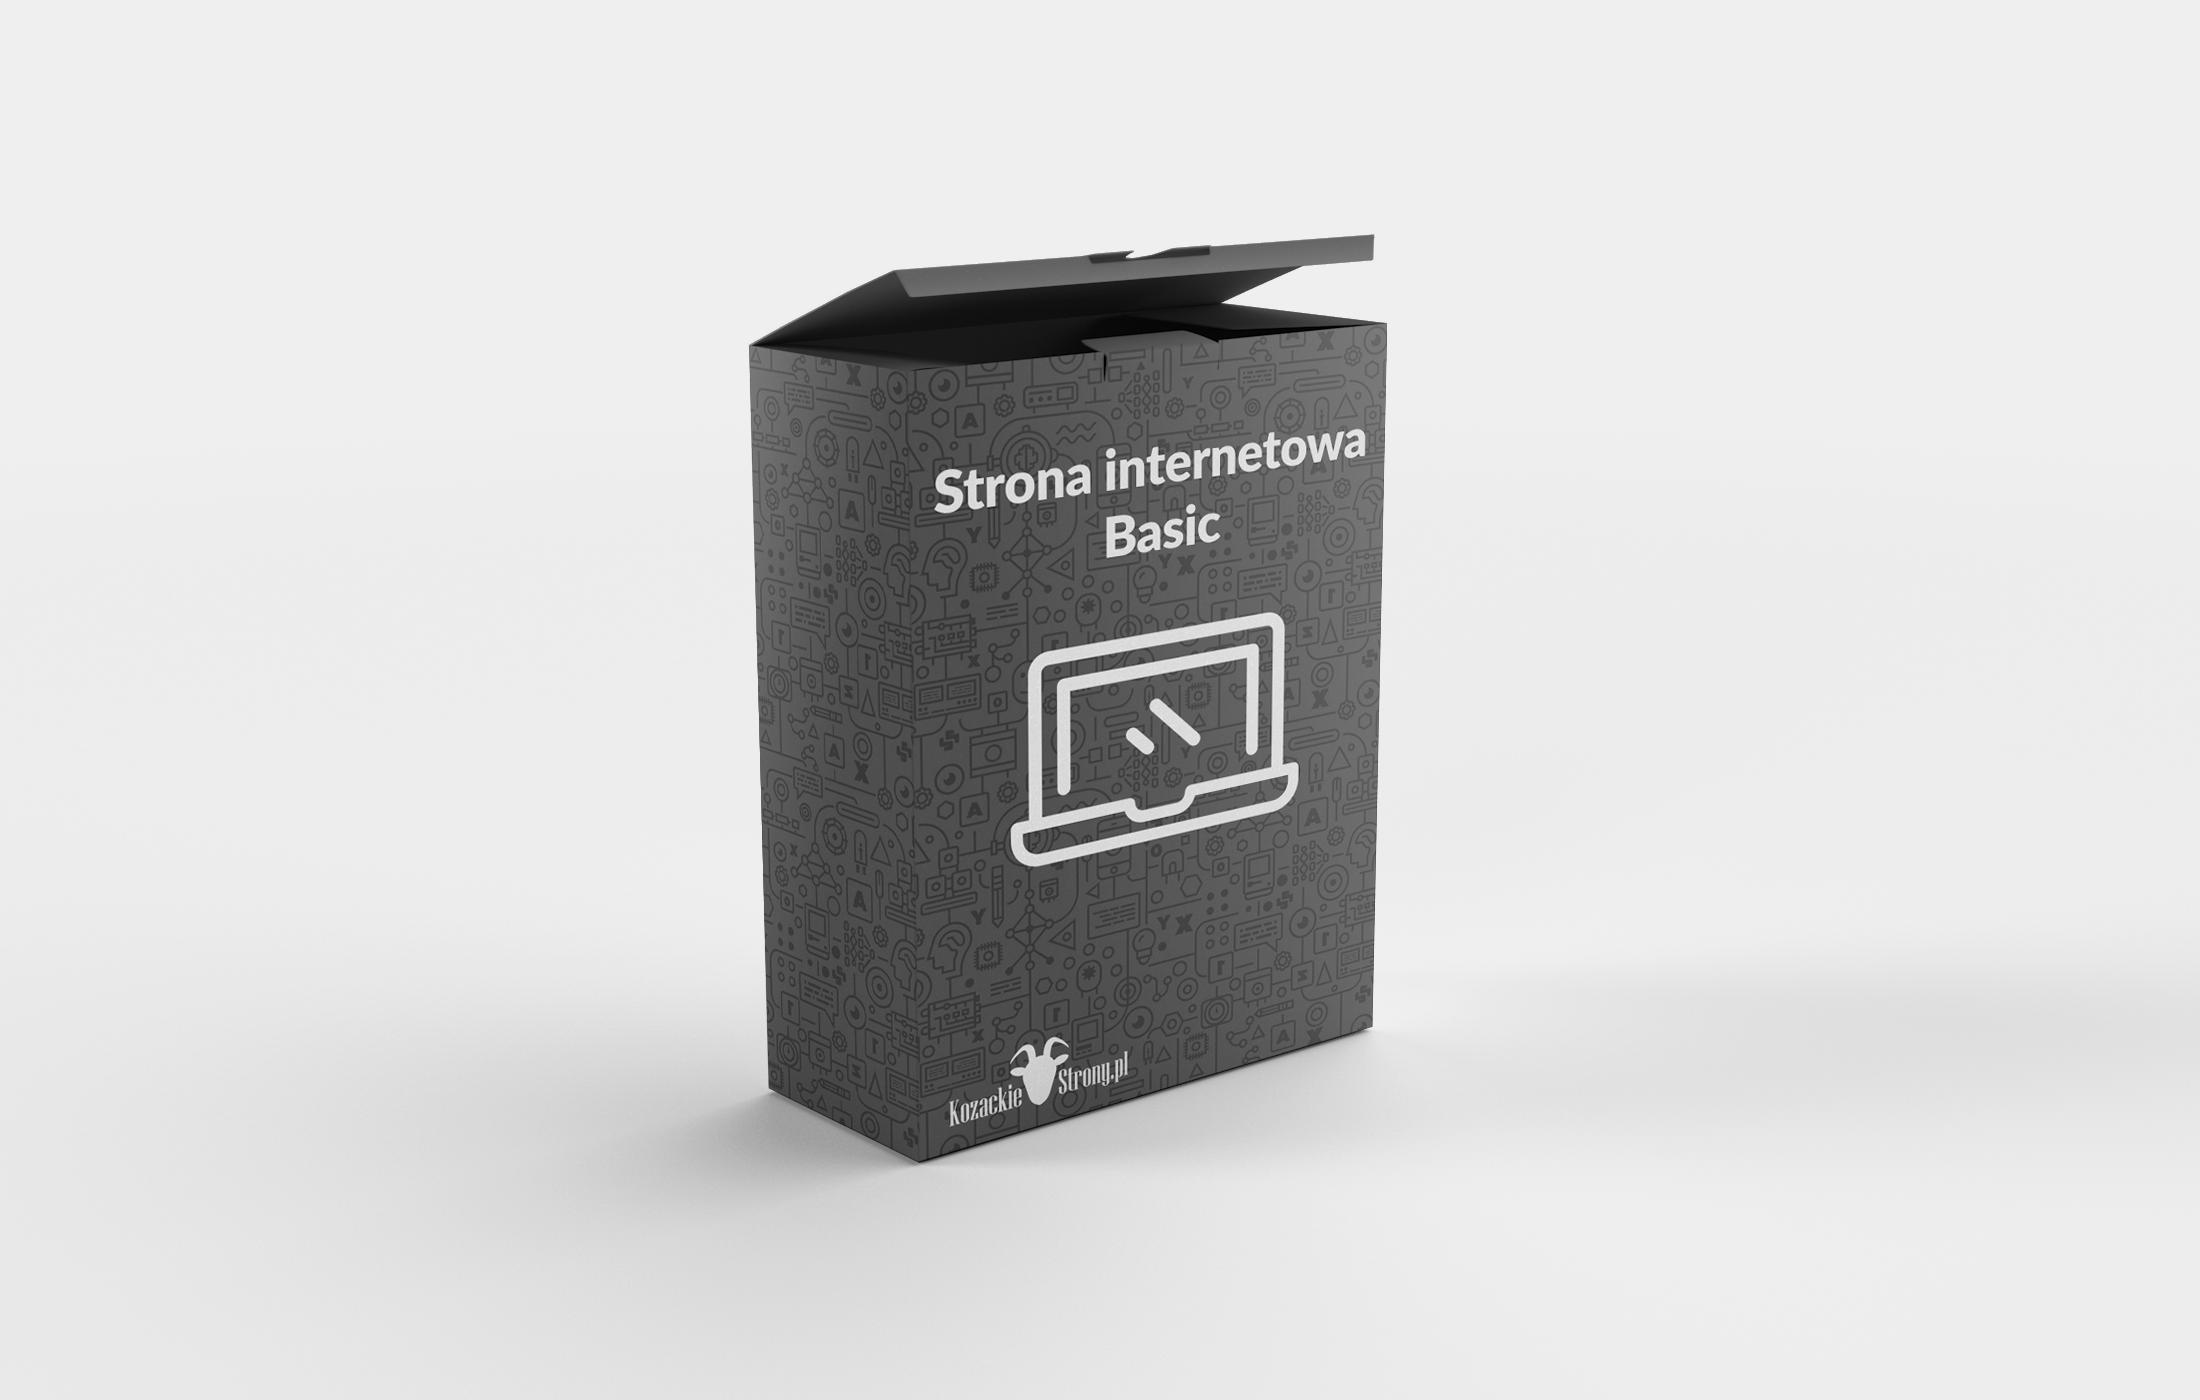 Strona internetowa Basic KozackieStrony.pl